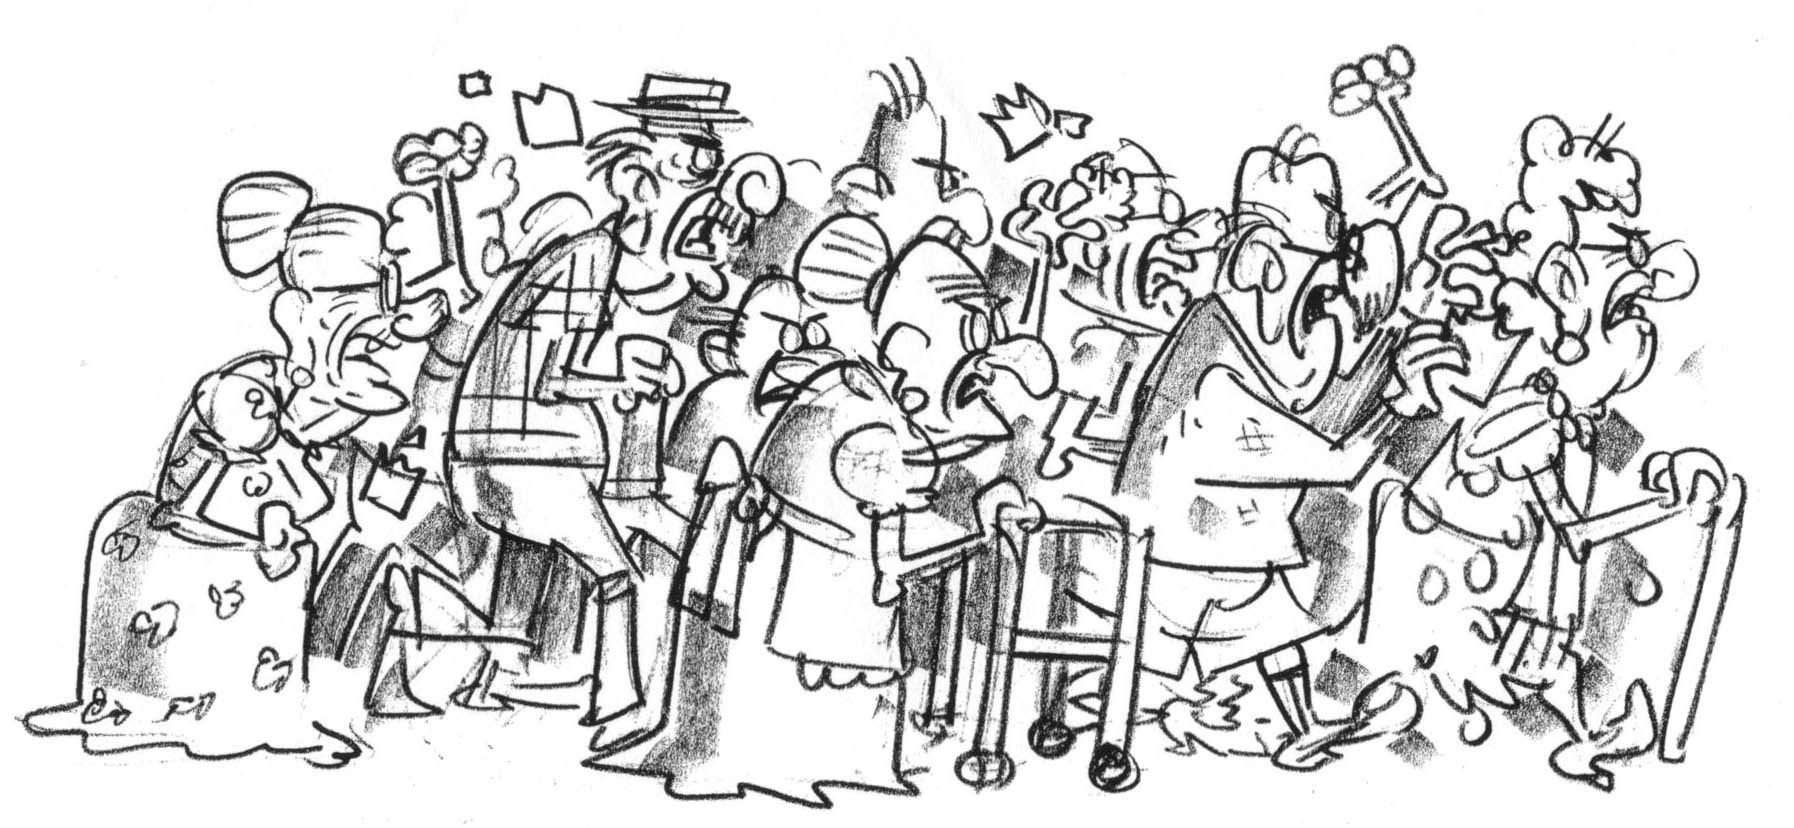 Drawings Of People